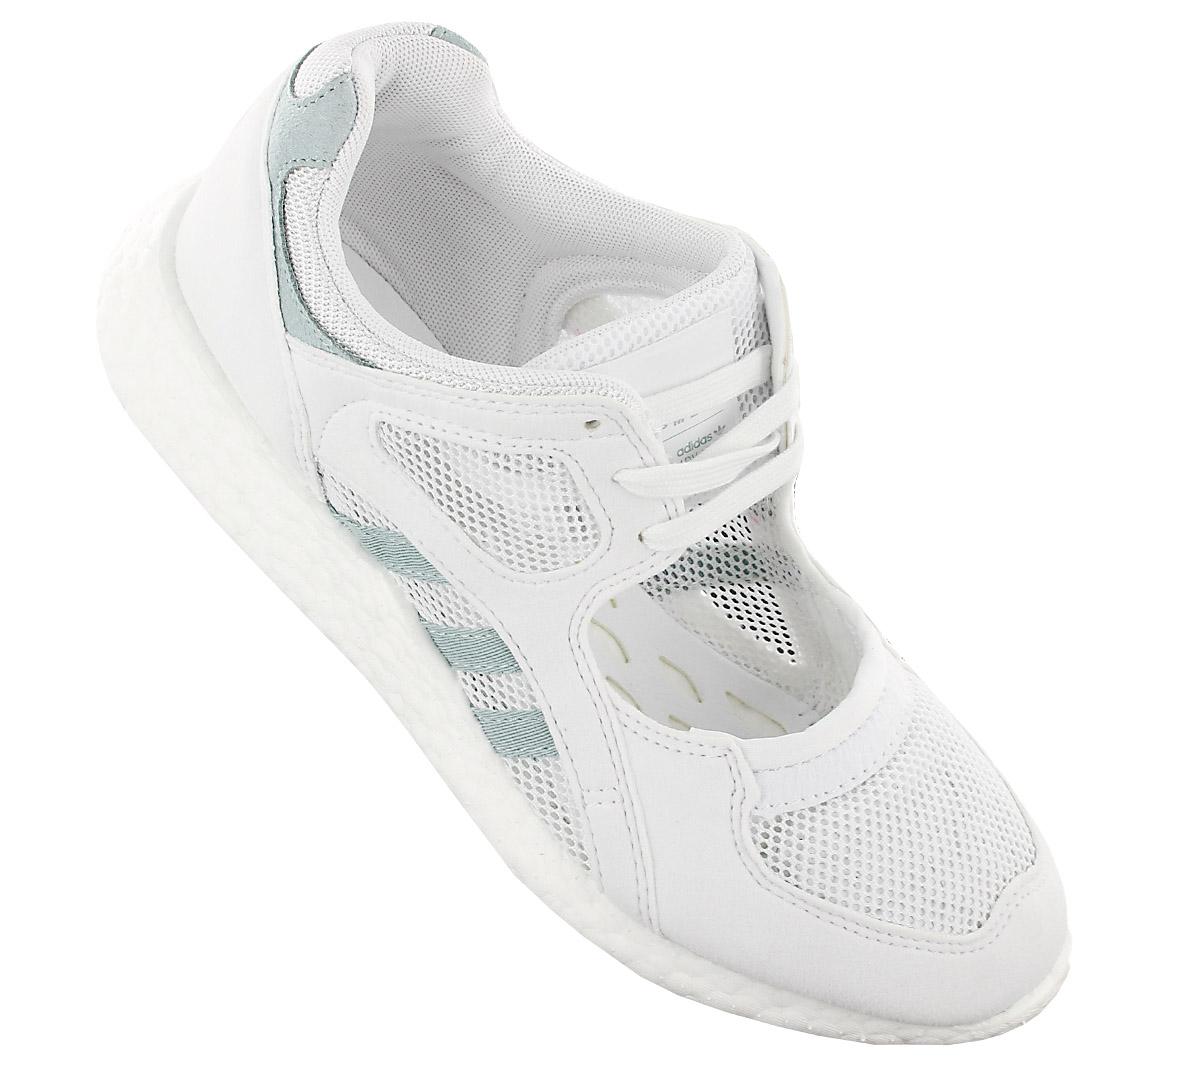 new arrivals 1c4d0 b977e Adidas Originals Eqt Equipment Racing 91 16 Women s Sneakers Shoes ...